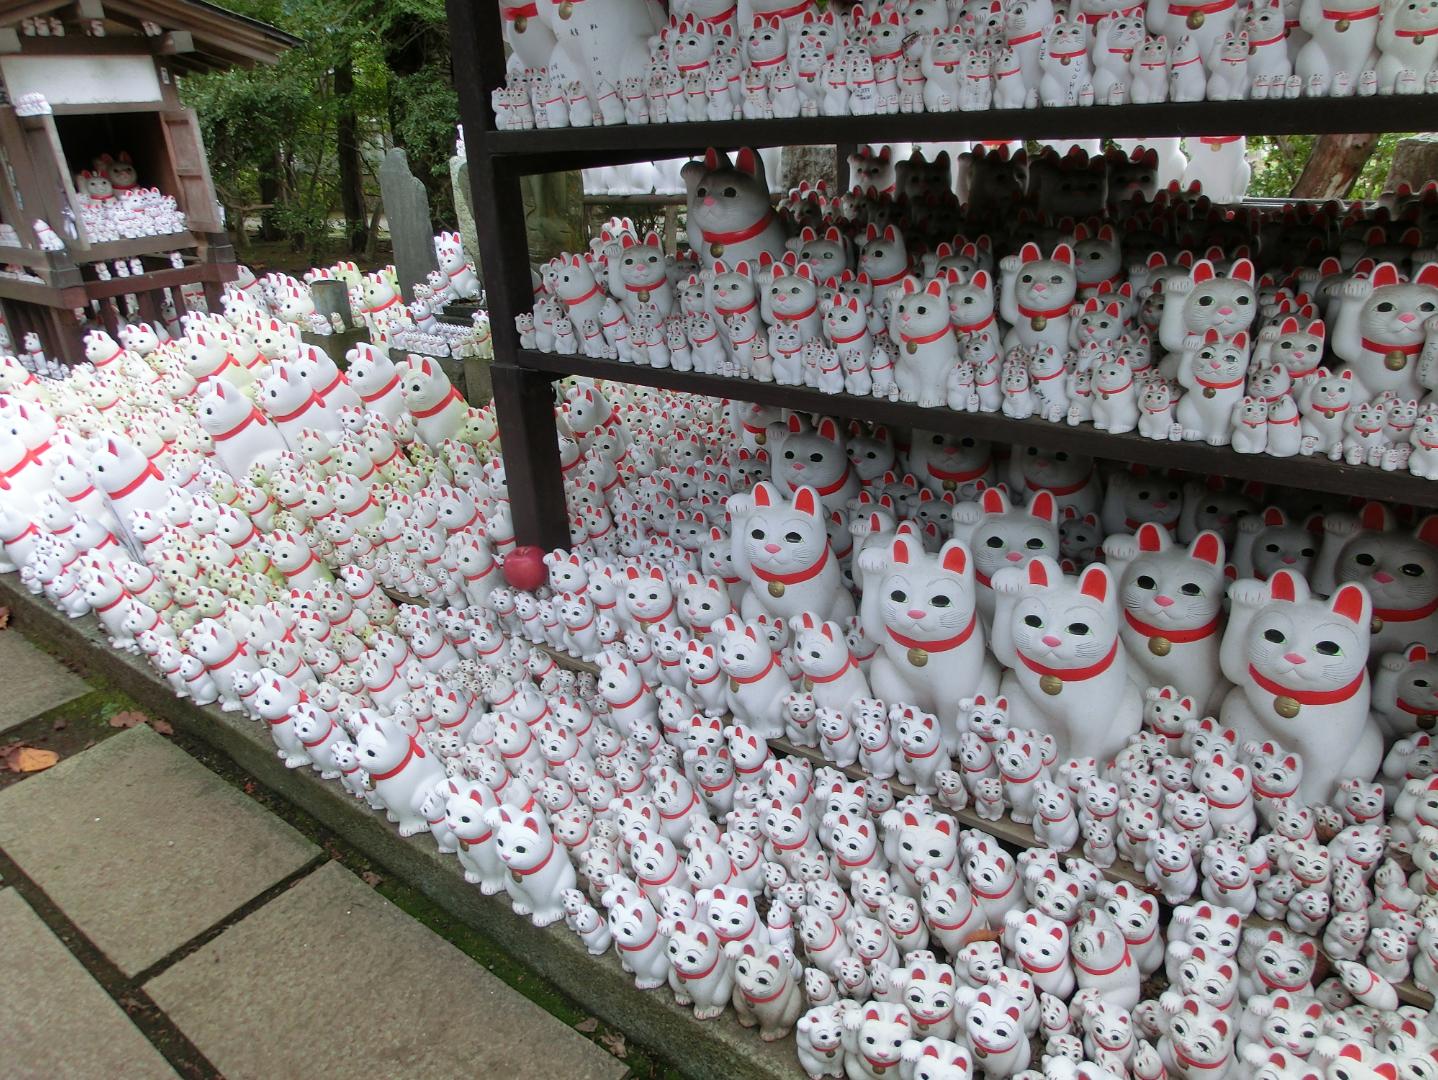 豪徳寺 多くの招き猫 カフェトレジャー記事